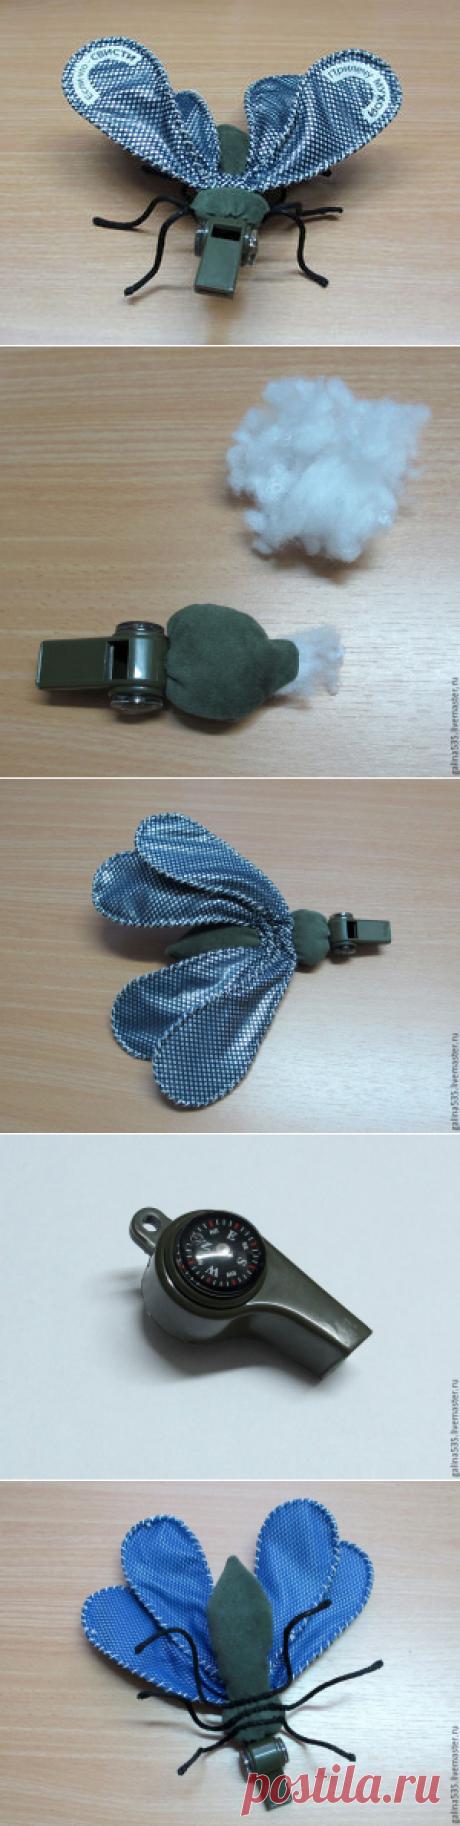 Шьем смешную муху в подарок - Ярмарка Мастеров - ручная работа, handmade